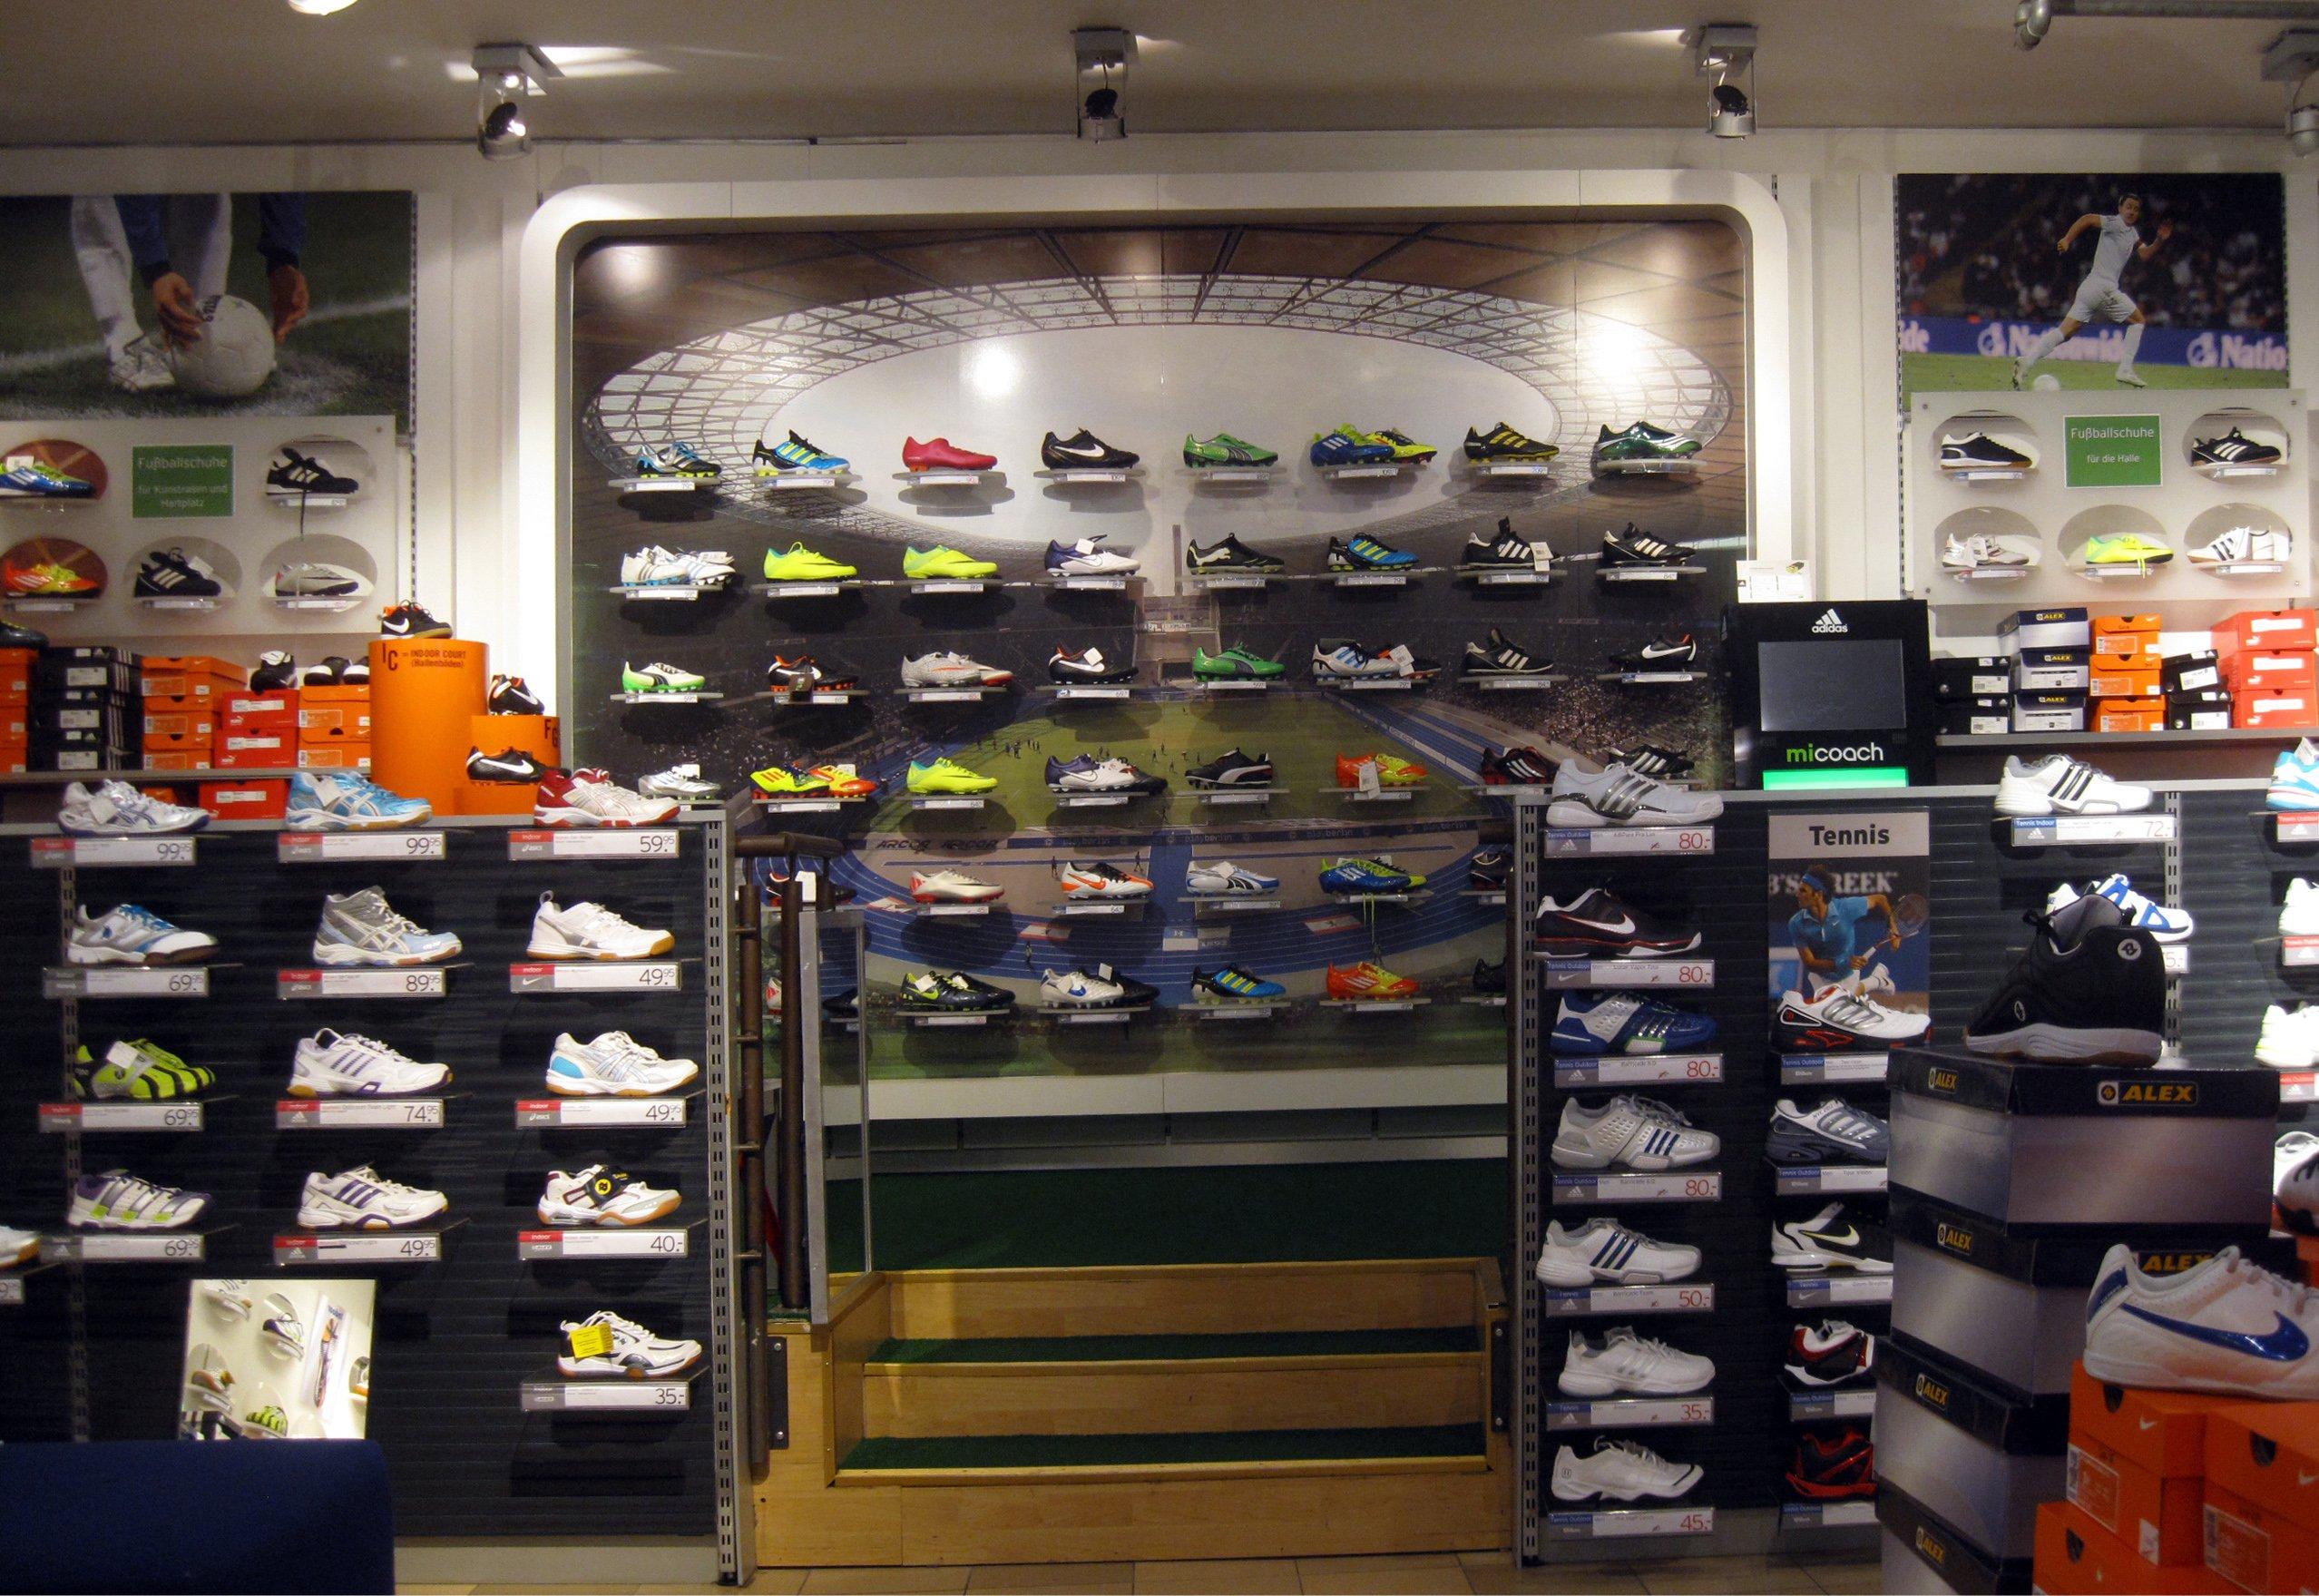 Top Ten Shoe Stores In America